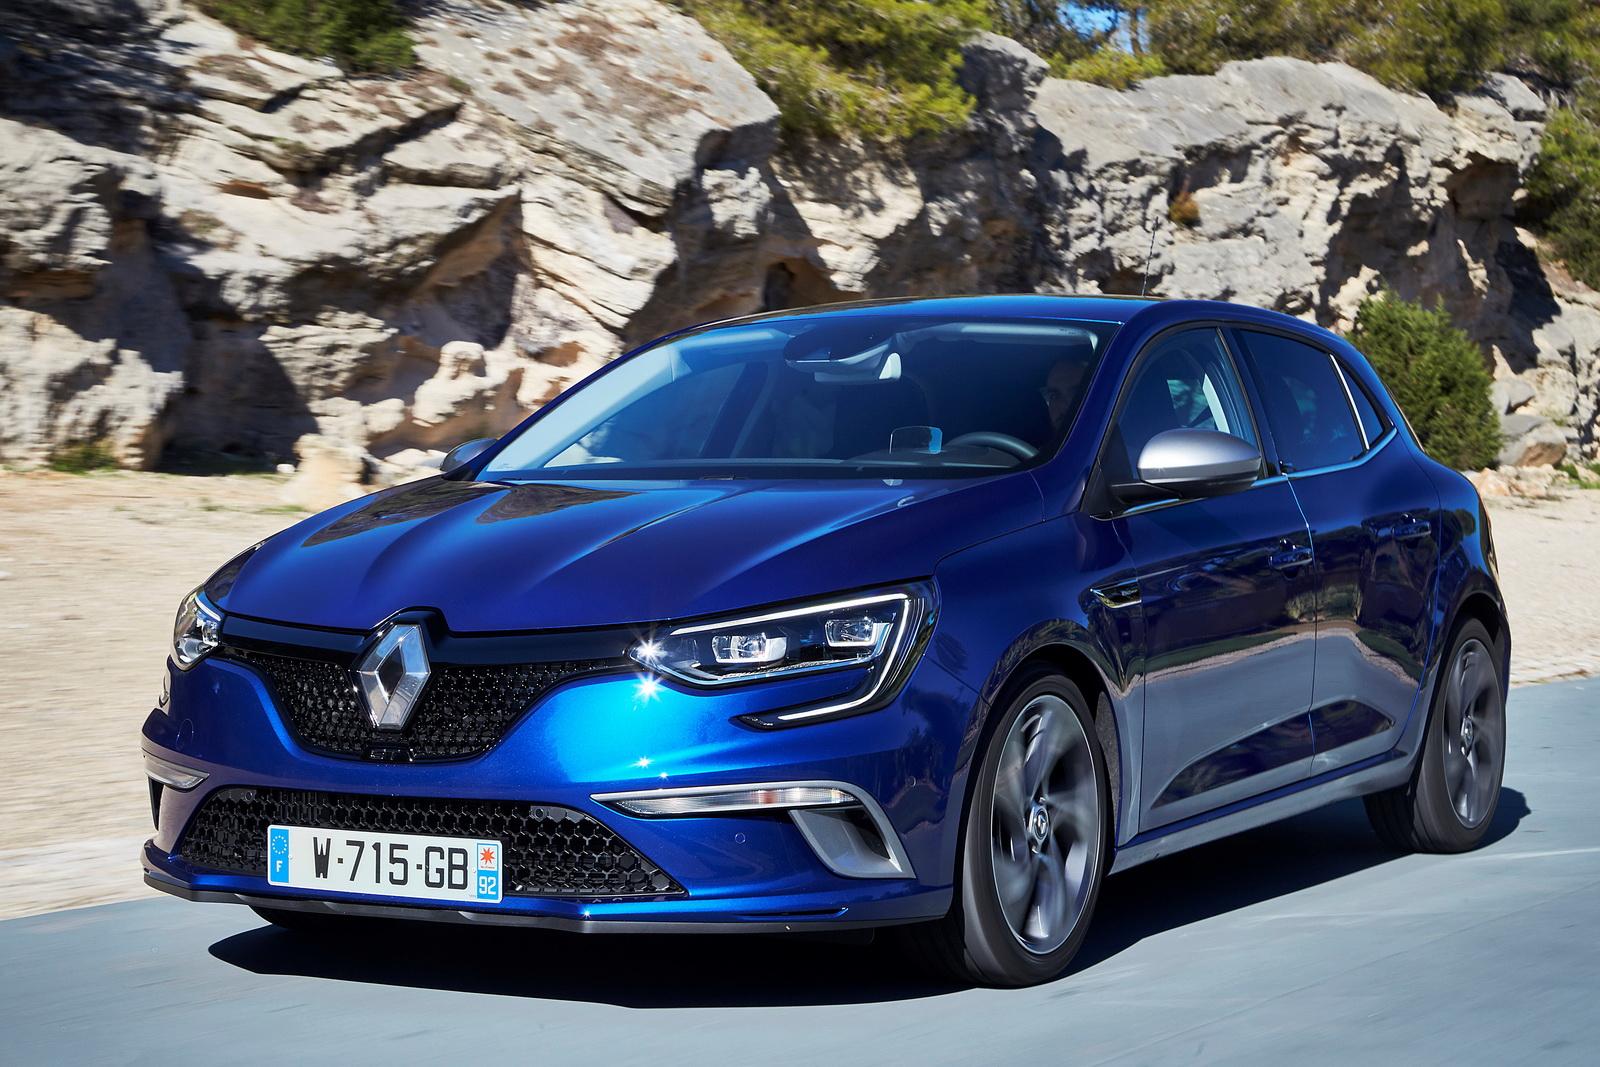 Yeni Renault Megane fiyatları, tüm motor ve donanım ...